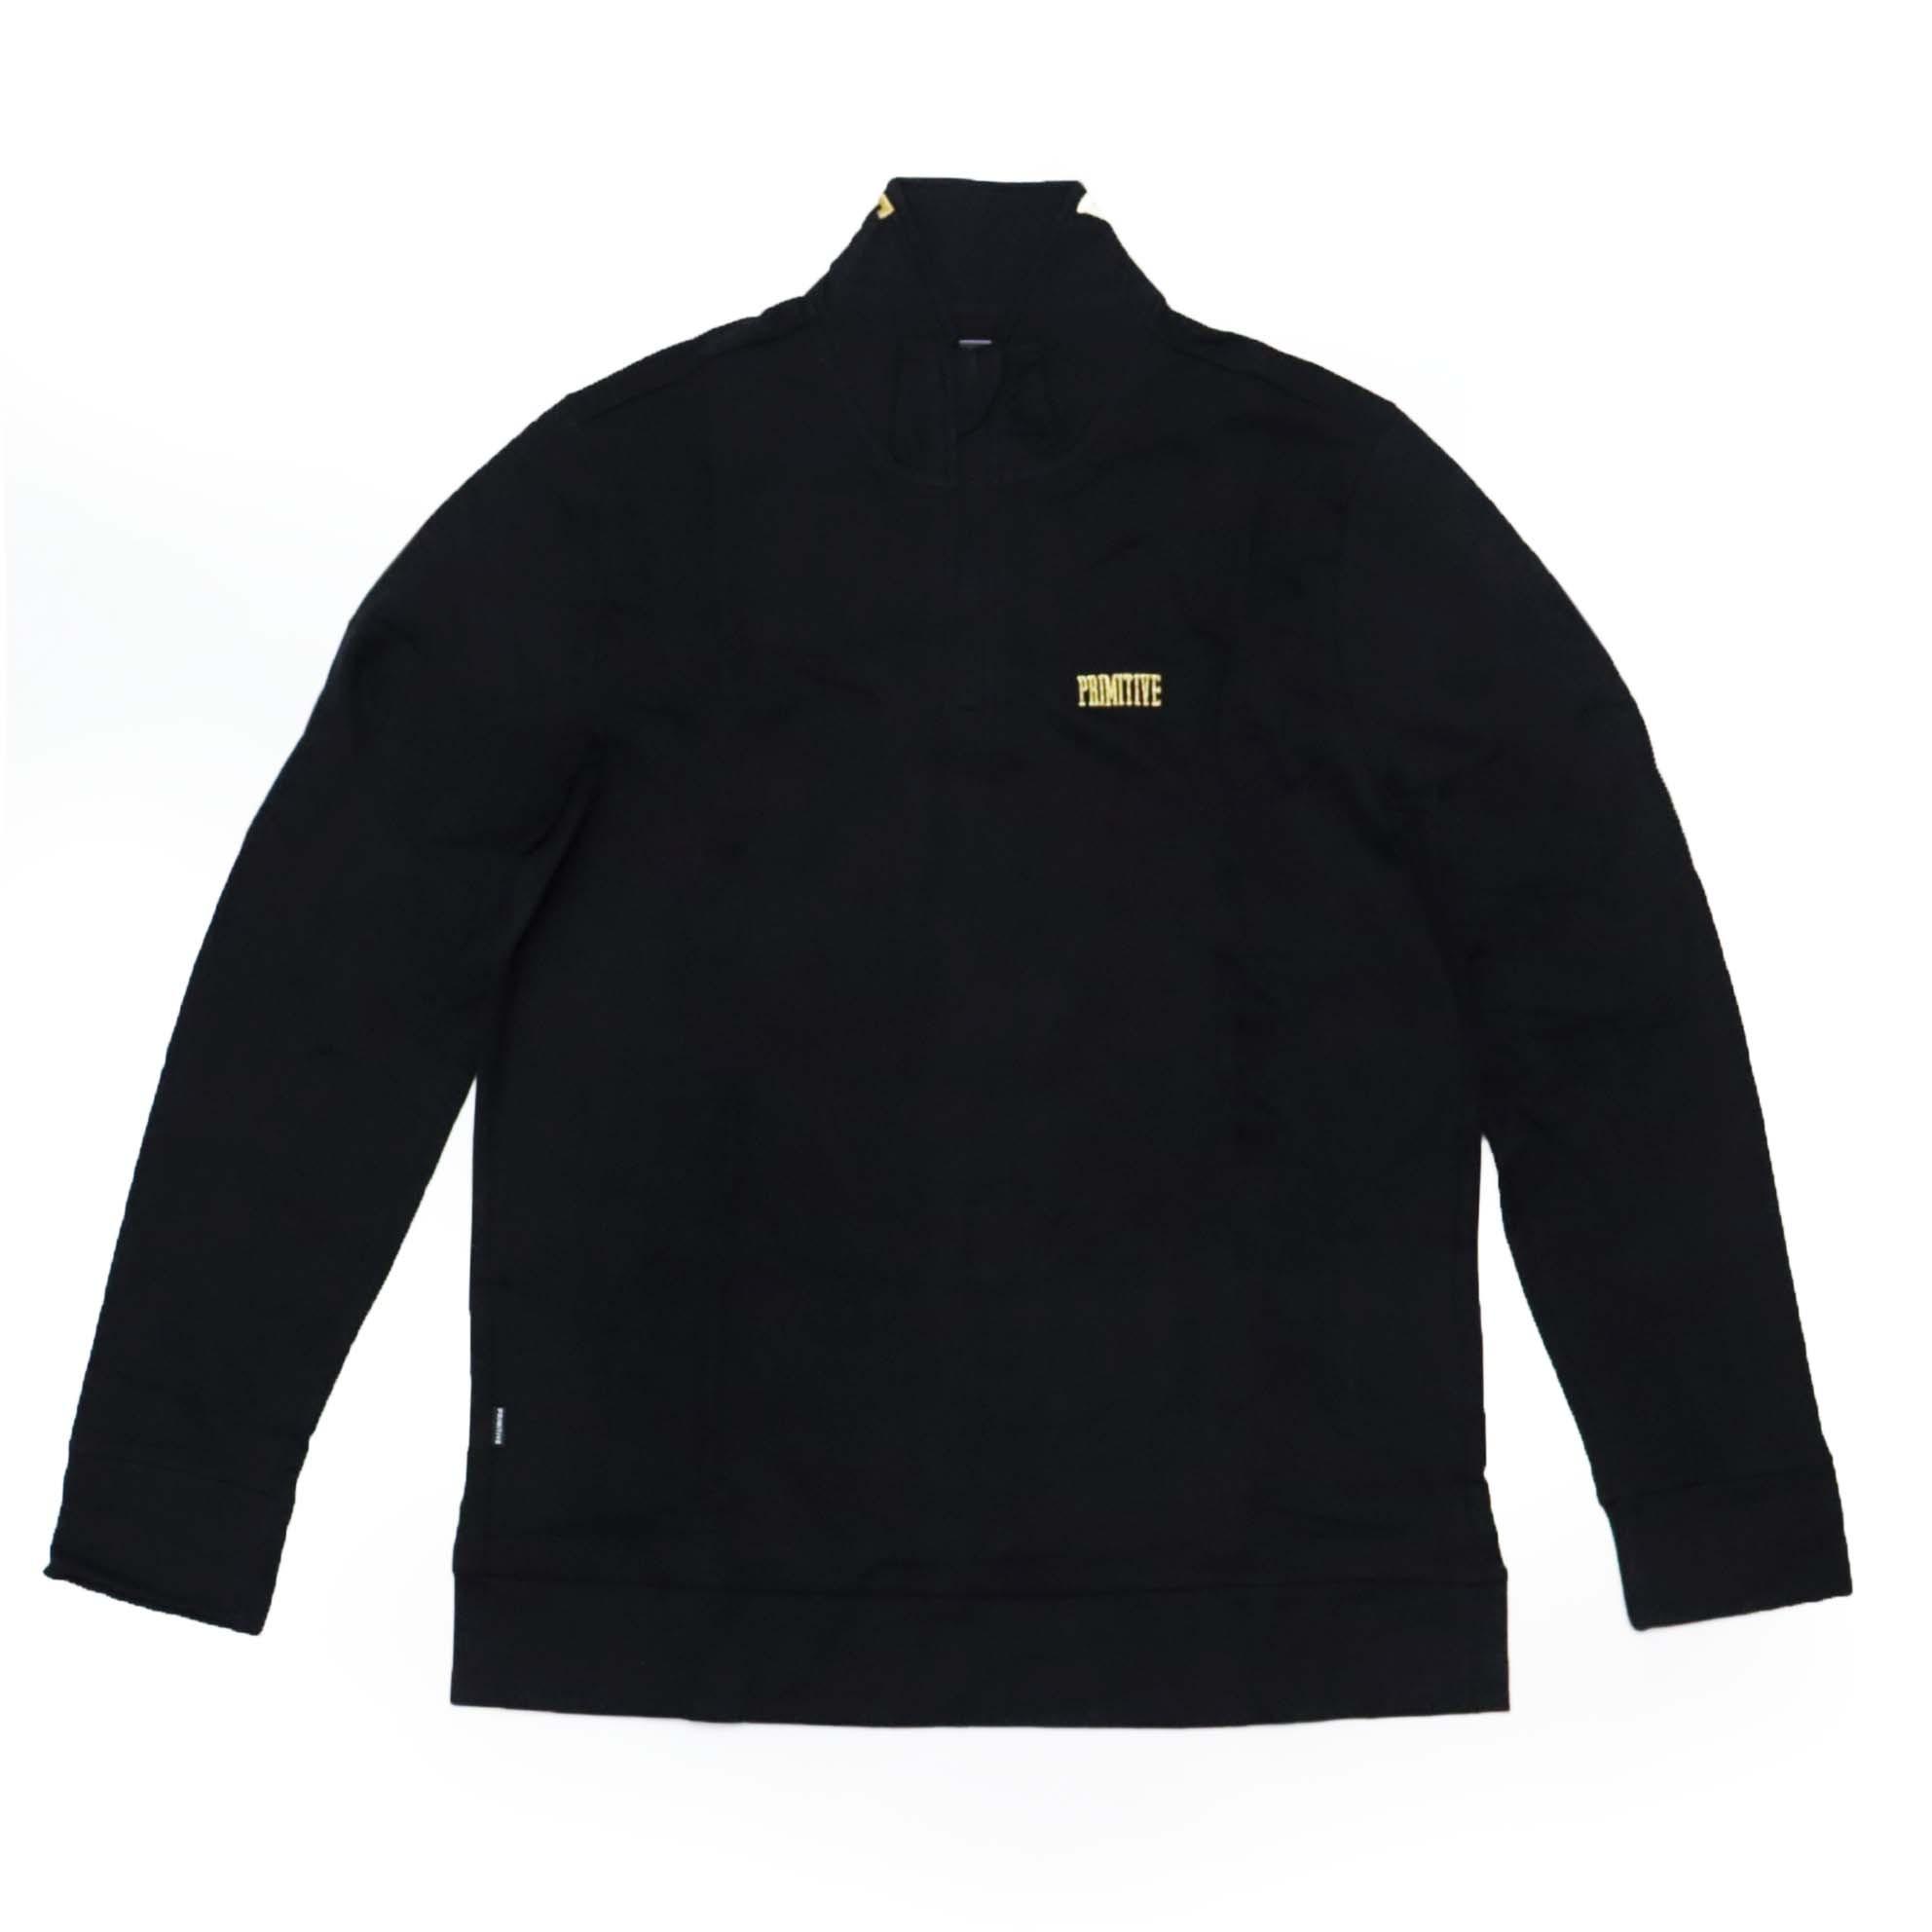 Moletom Primitive Pullover - Preto (Importado)